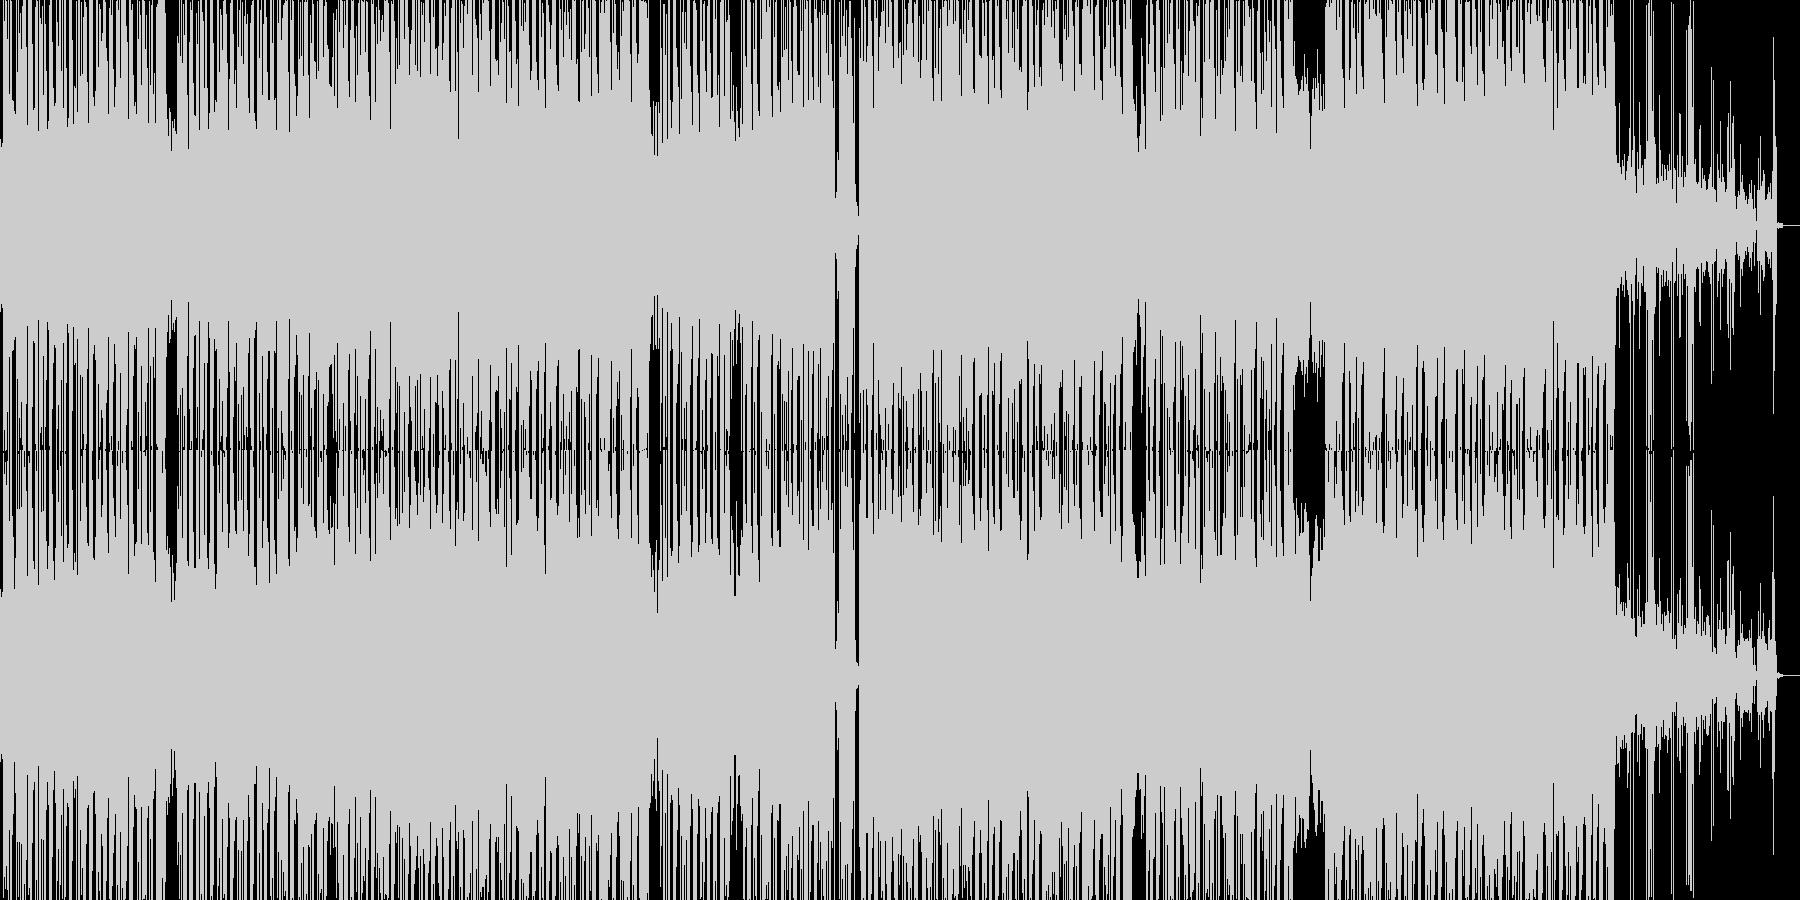 コミカルな雰囲気のR&B風のポップの未再生の波形